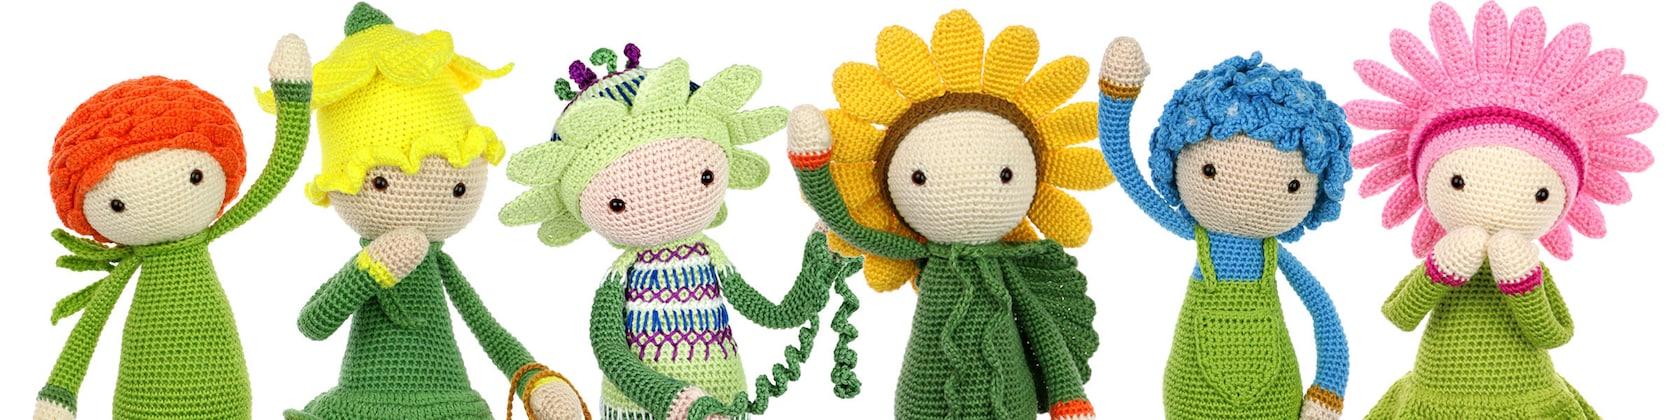 Patrones de crochet para flores de muñecos amigurumis por Zabbez